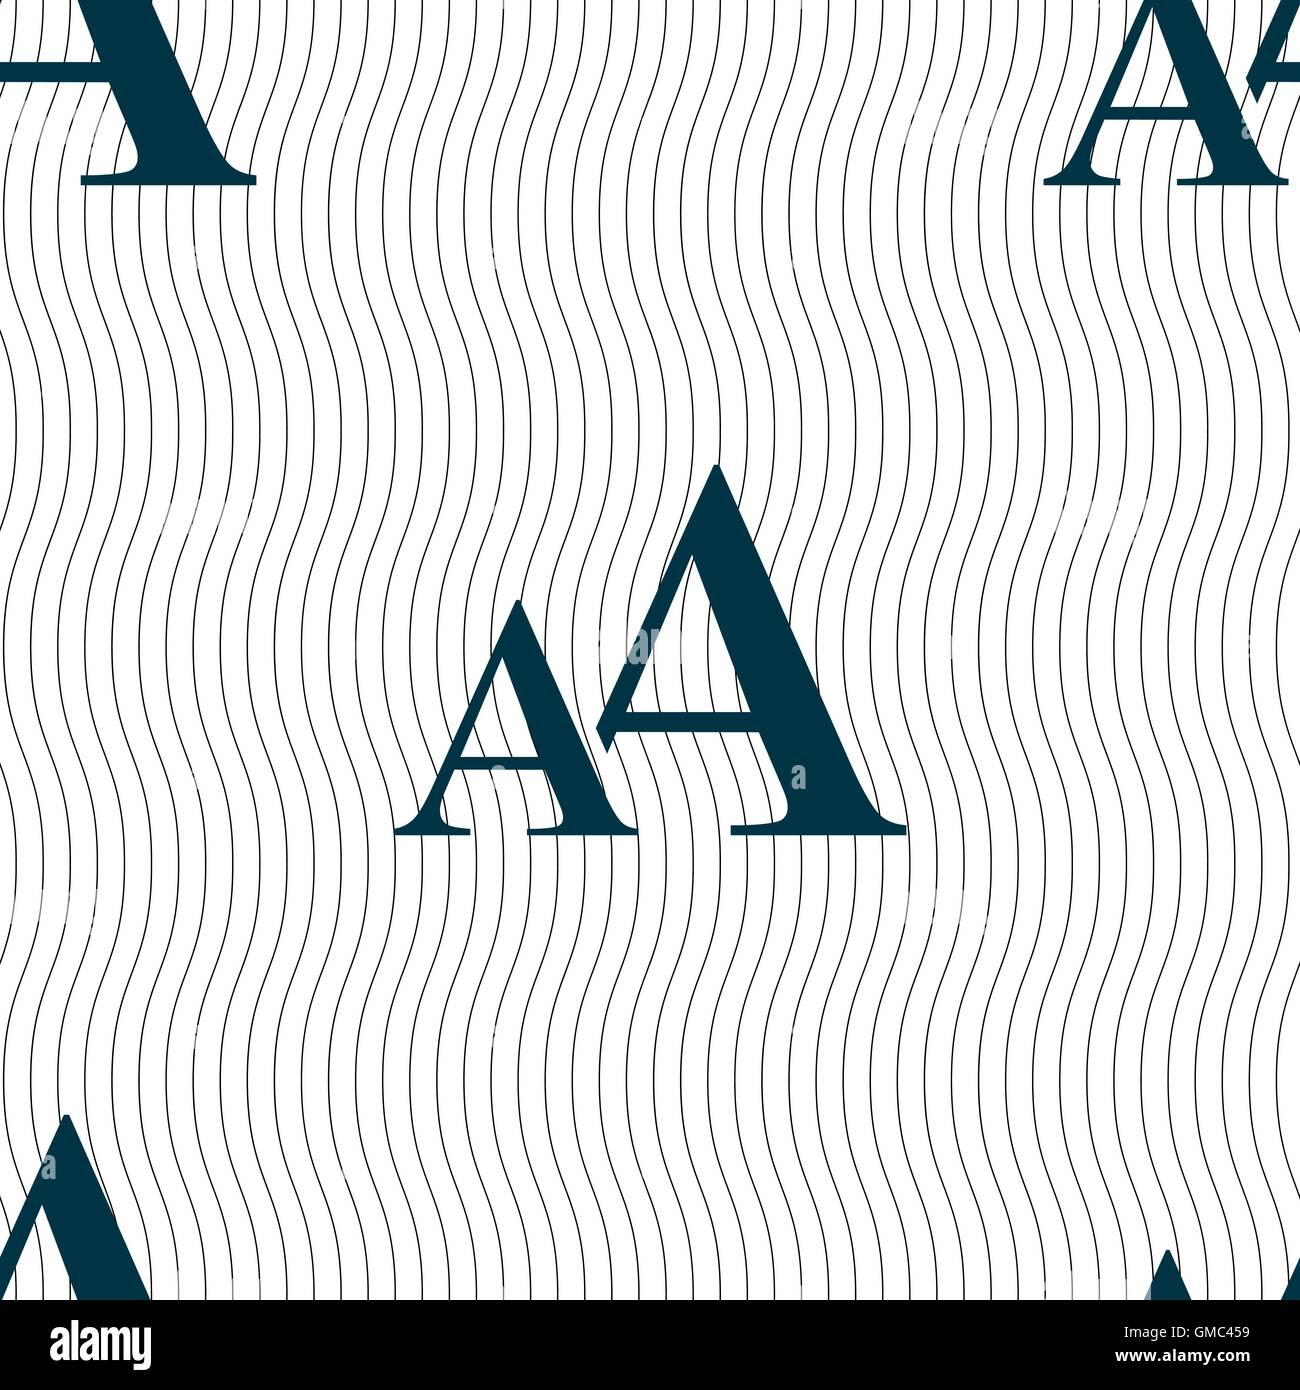 Vergrößern Sie Die Schriftart Aa Symbol Zeichen Nahtlose Muster